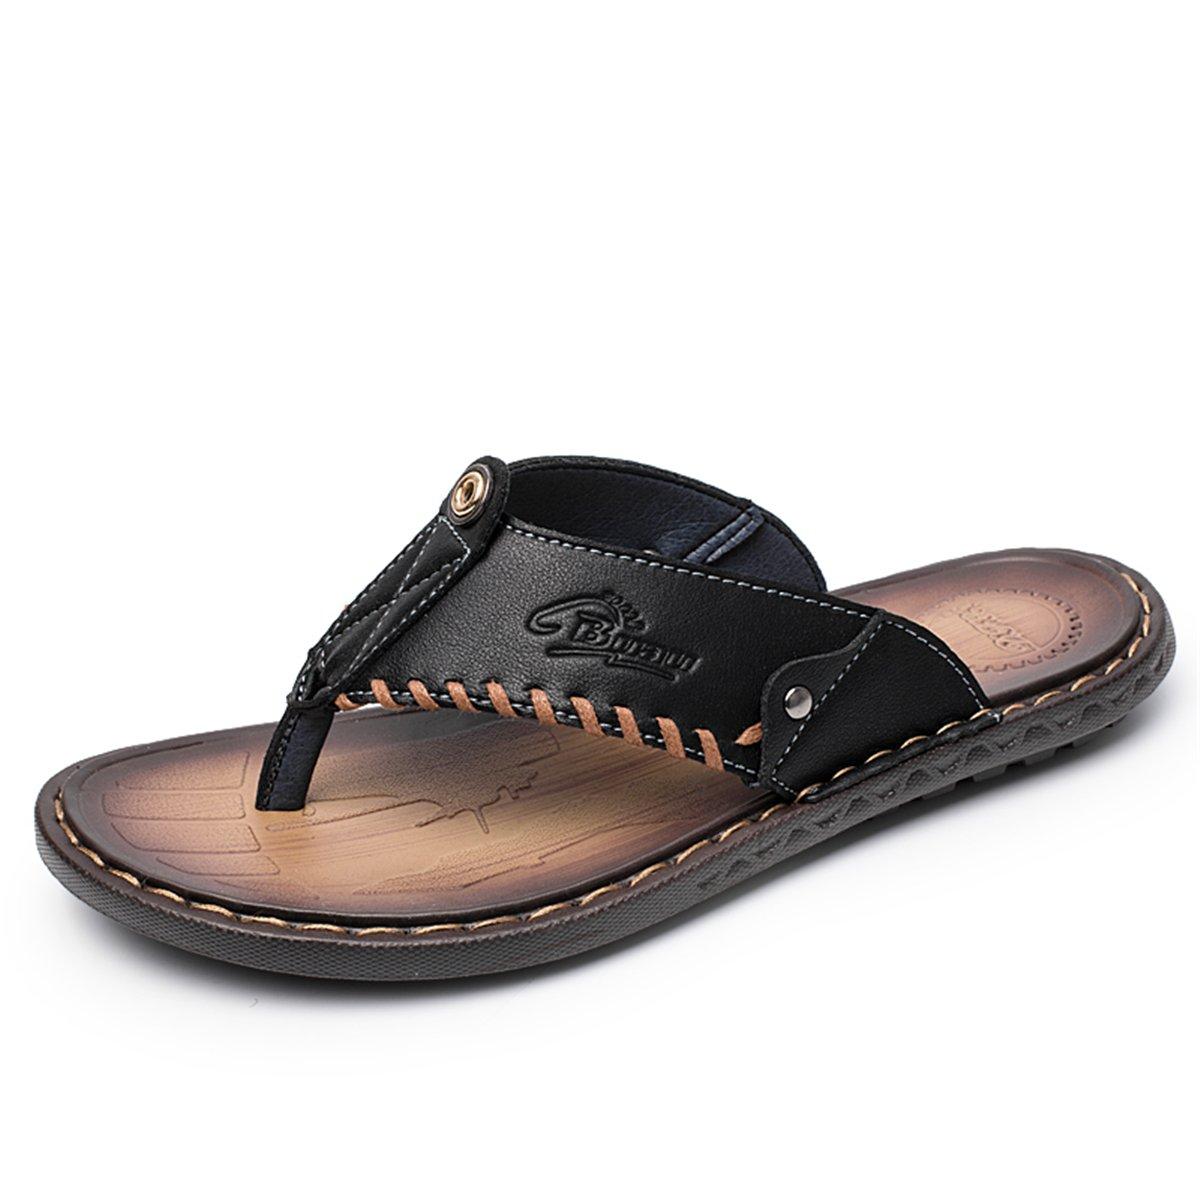 Gracosy Flip Flops, Unisex Zehentrenner Flache Hausschuhe Pantoletten Sommer Schuhe Slippers Weich Anti-Rutsch T-Strap Sandalen fuuml;r Herren Damenr  40 EU|Schwarz-d